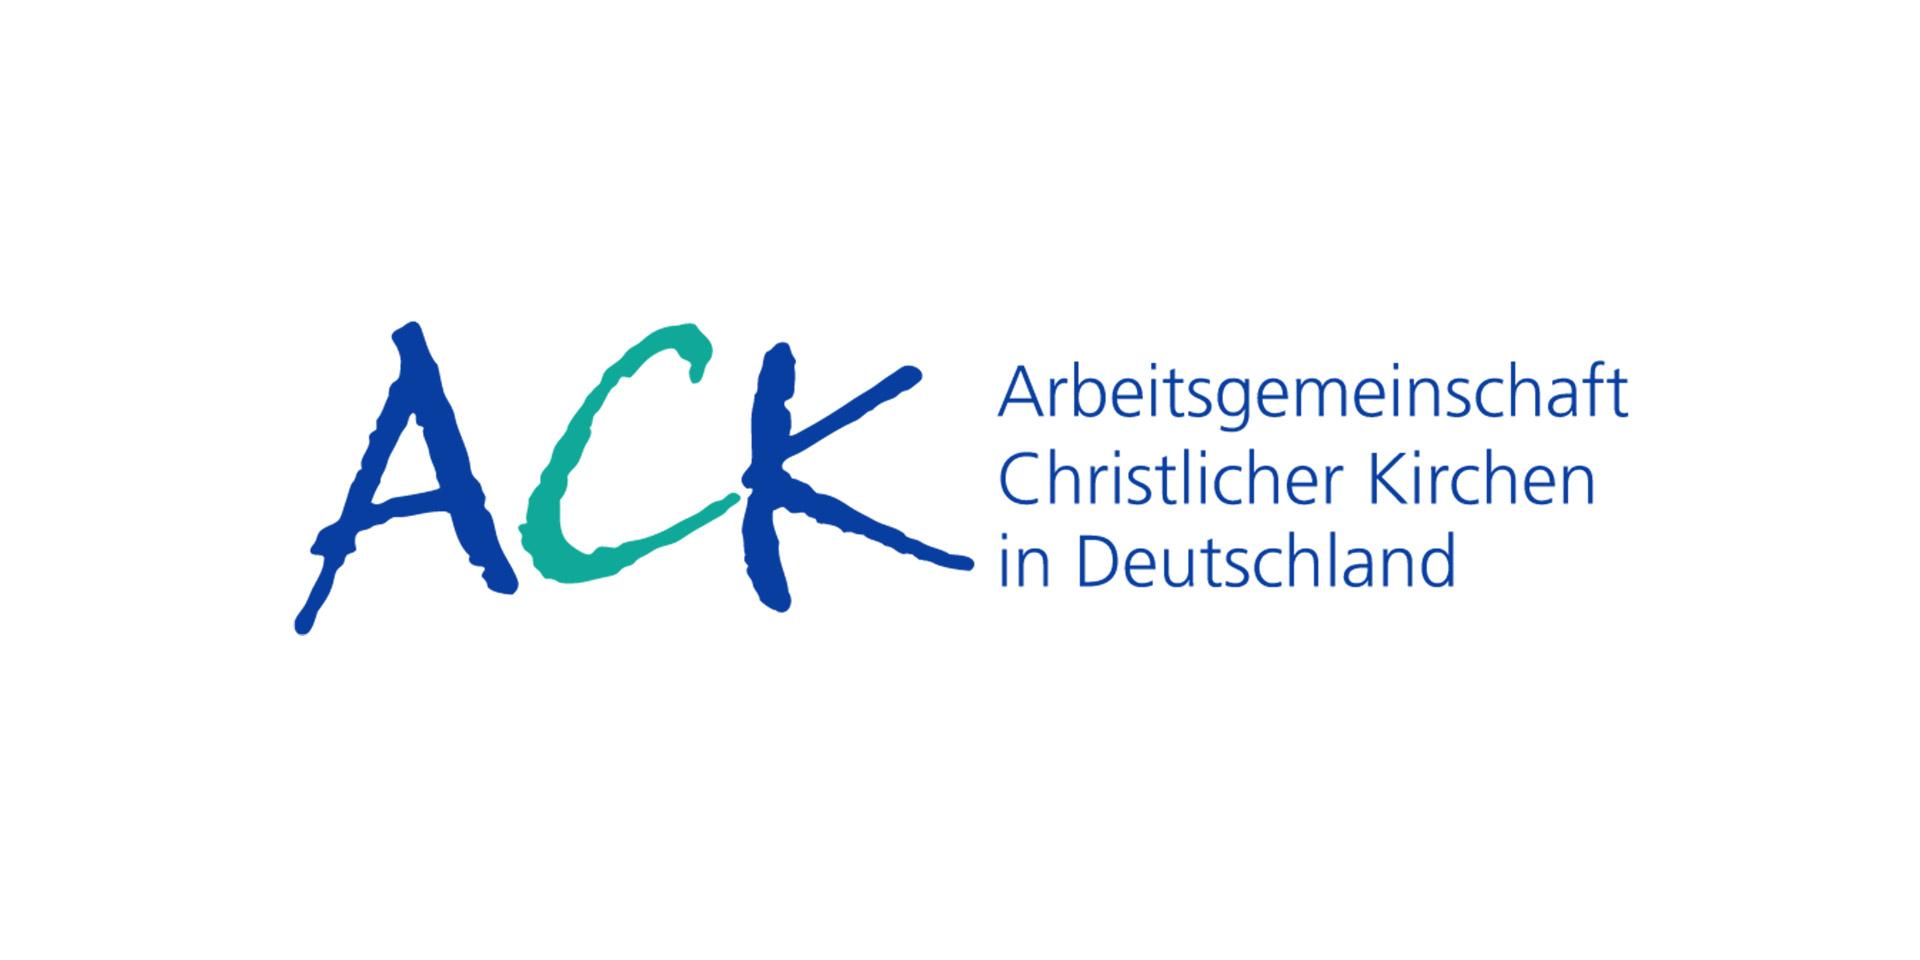 Logo Arbeitsgemeinschaft Christlicher Kirchen (ACK)